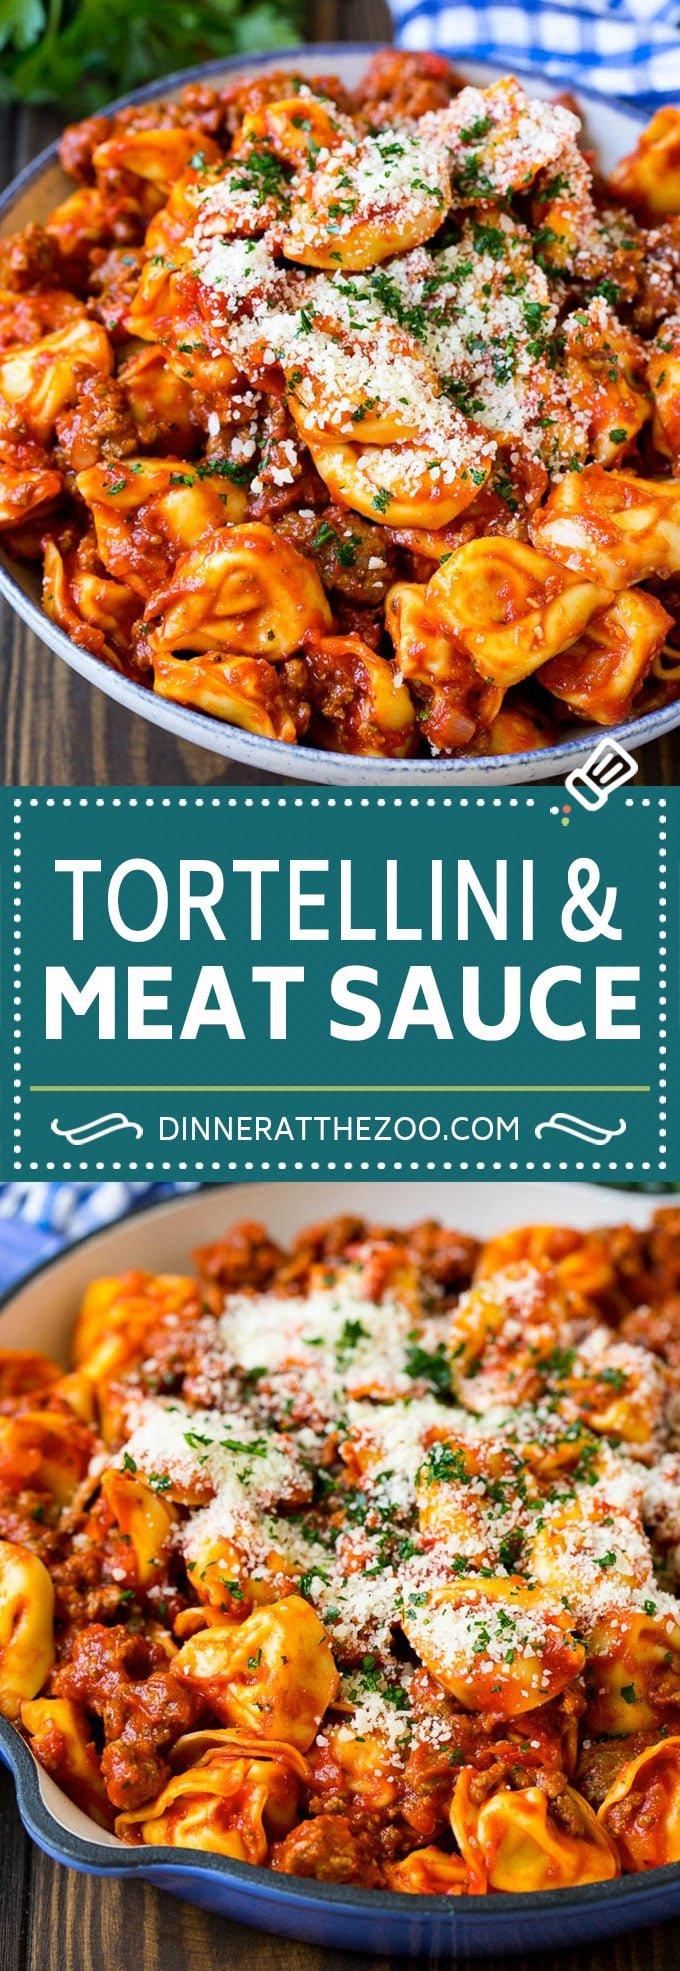 Cheese Tortellini in Meat Sauce #tortellini #pasta #sauce #dinner #dinneratthezoo #cheese